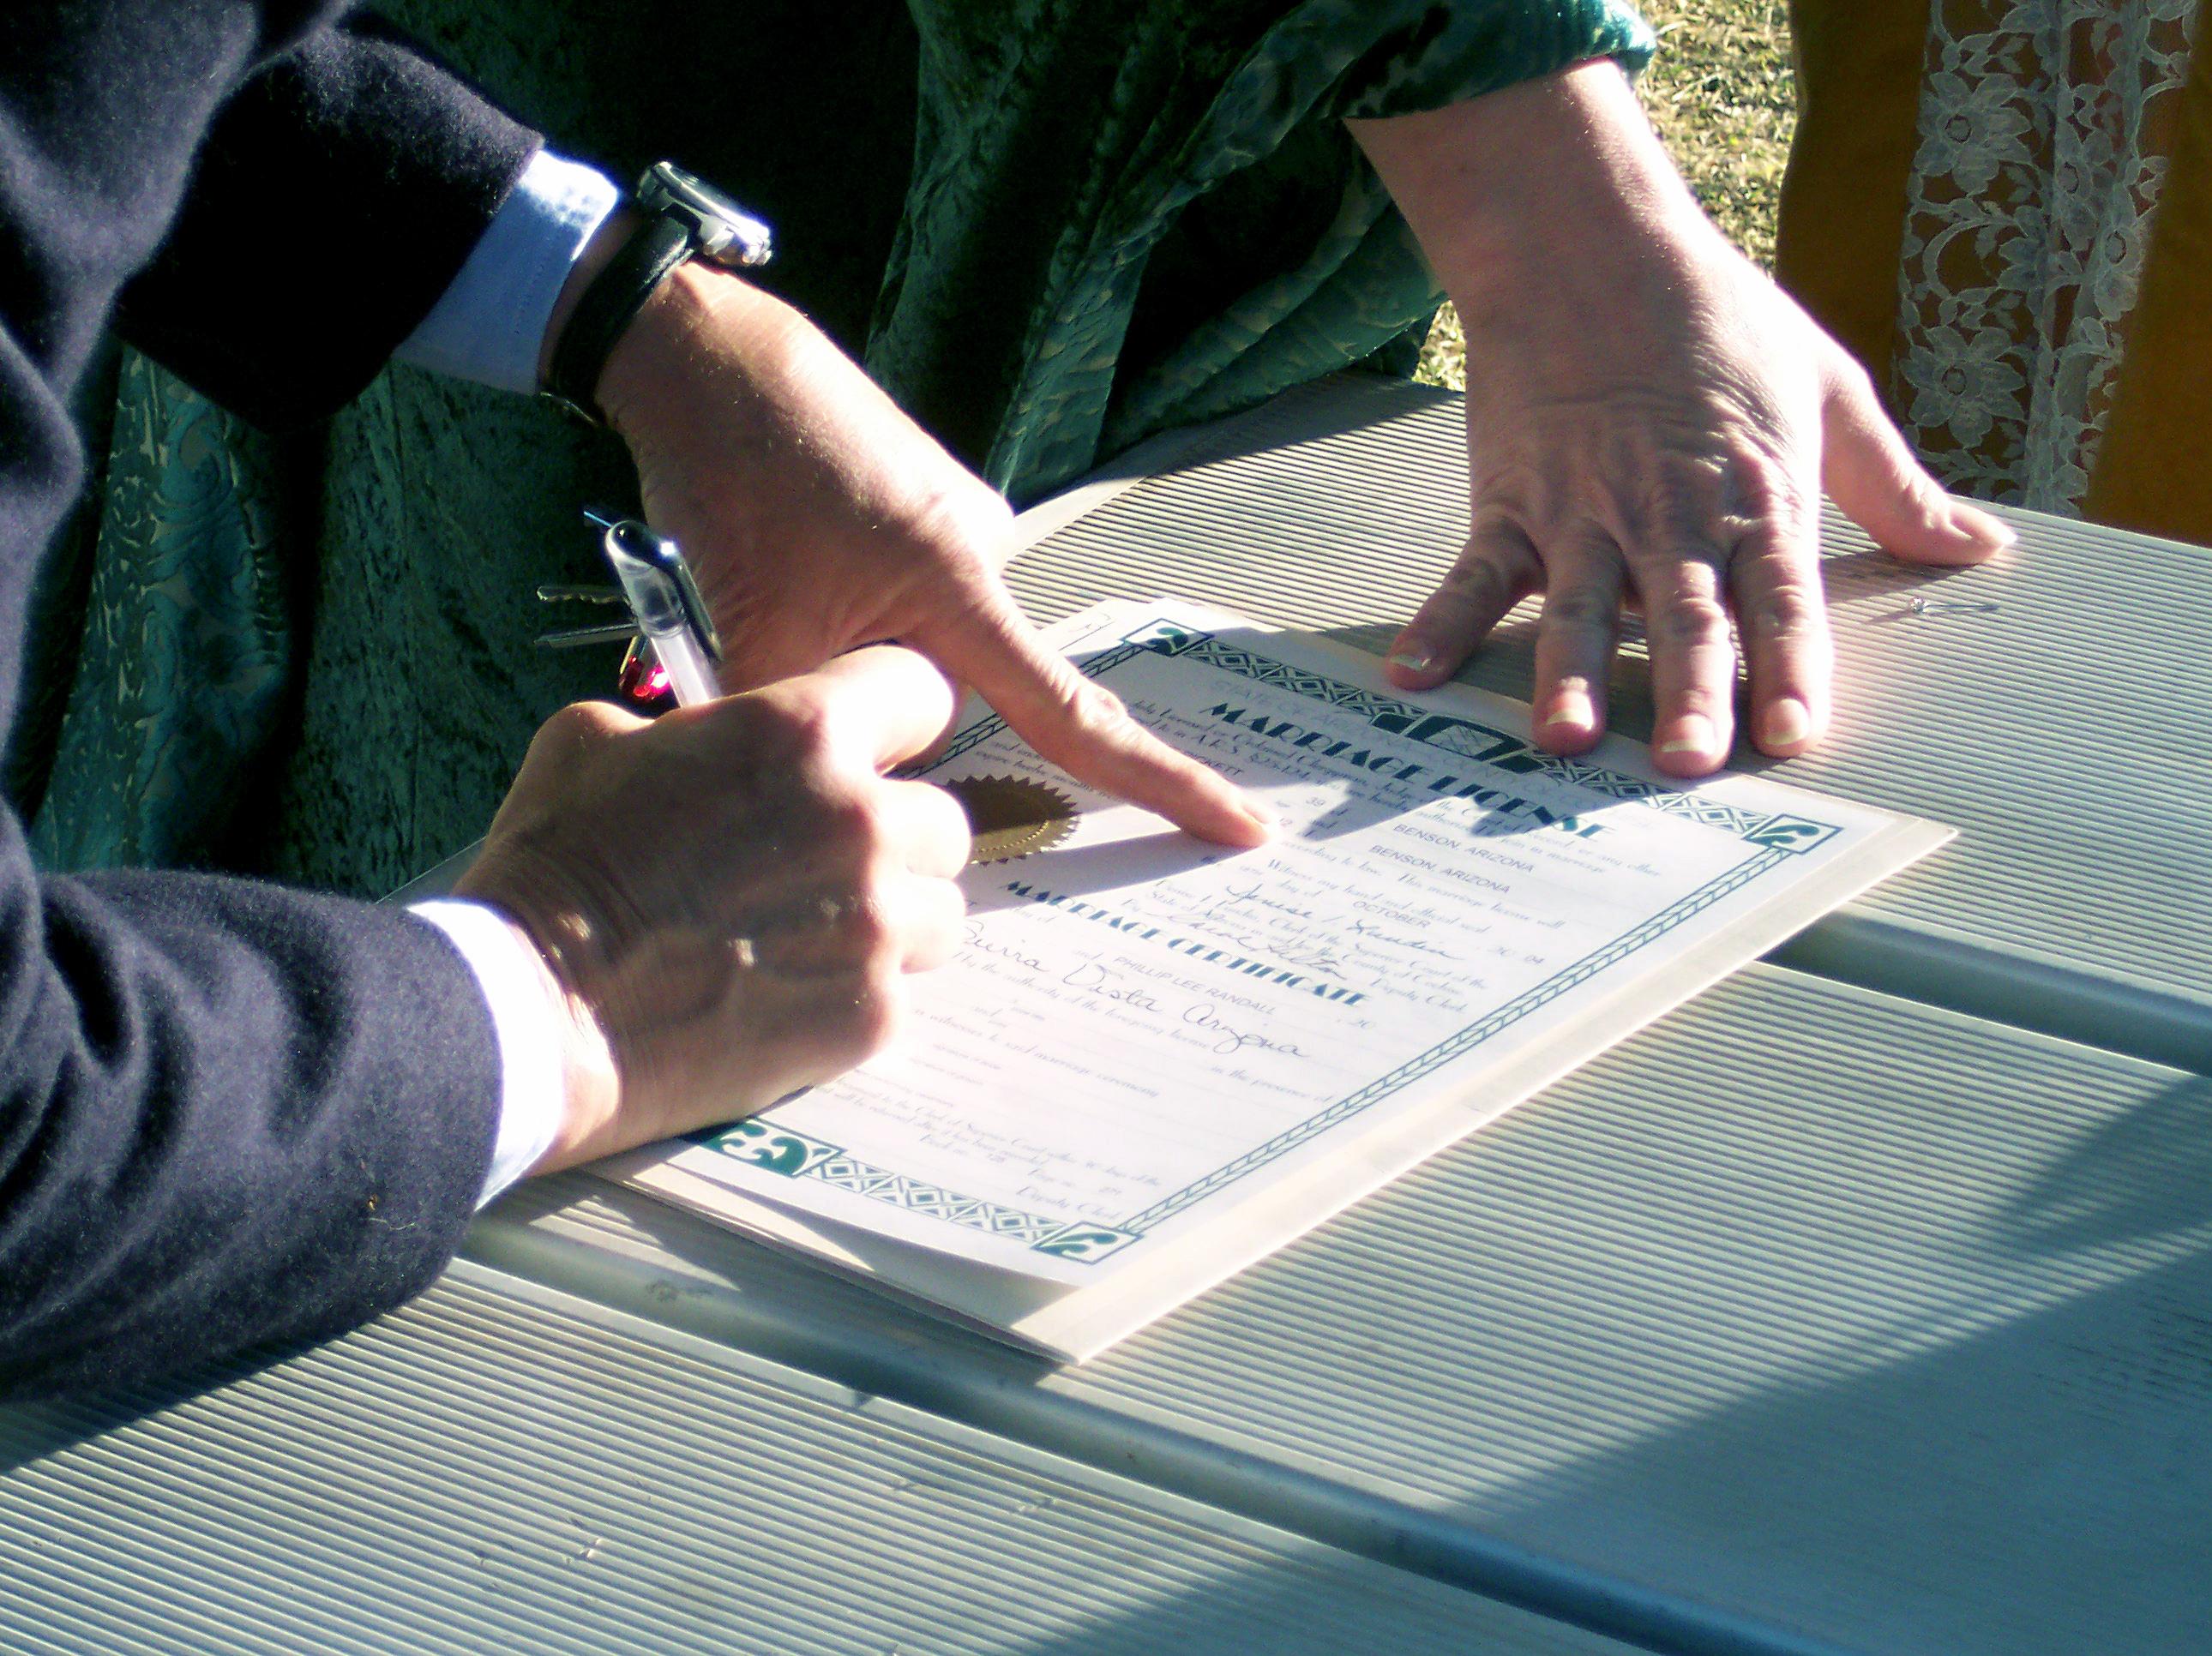 Ufficio Ente Per F23 : Guida alla registrazione degli atti privati u2013 studio marconi